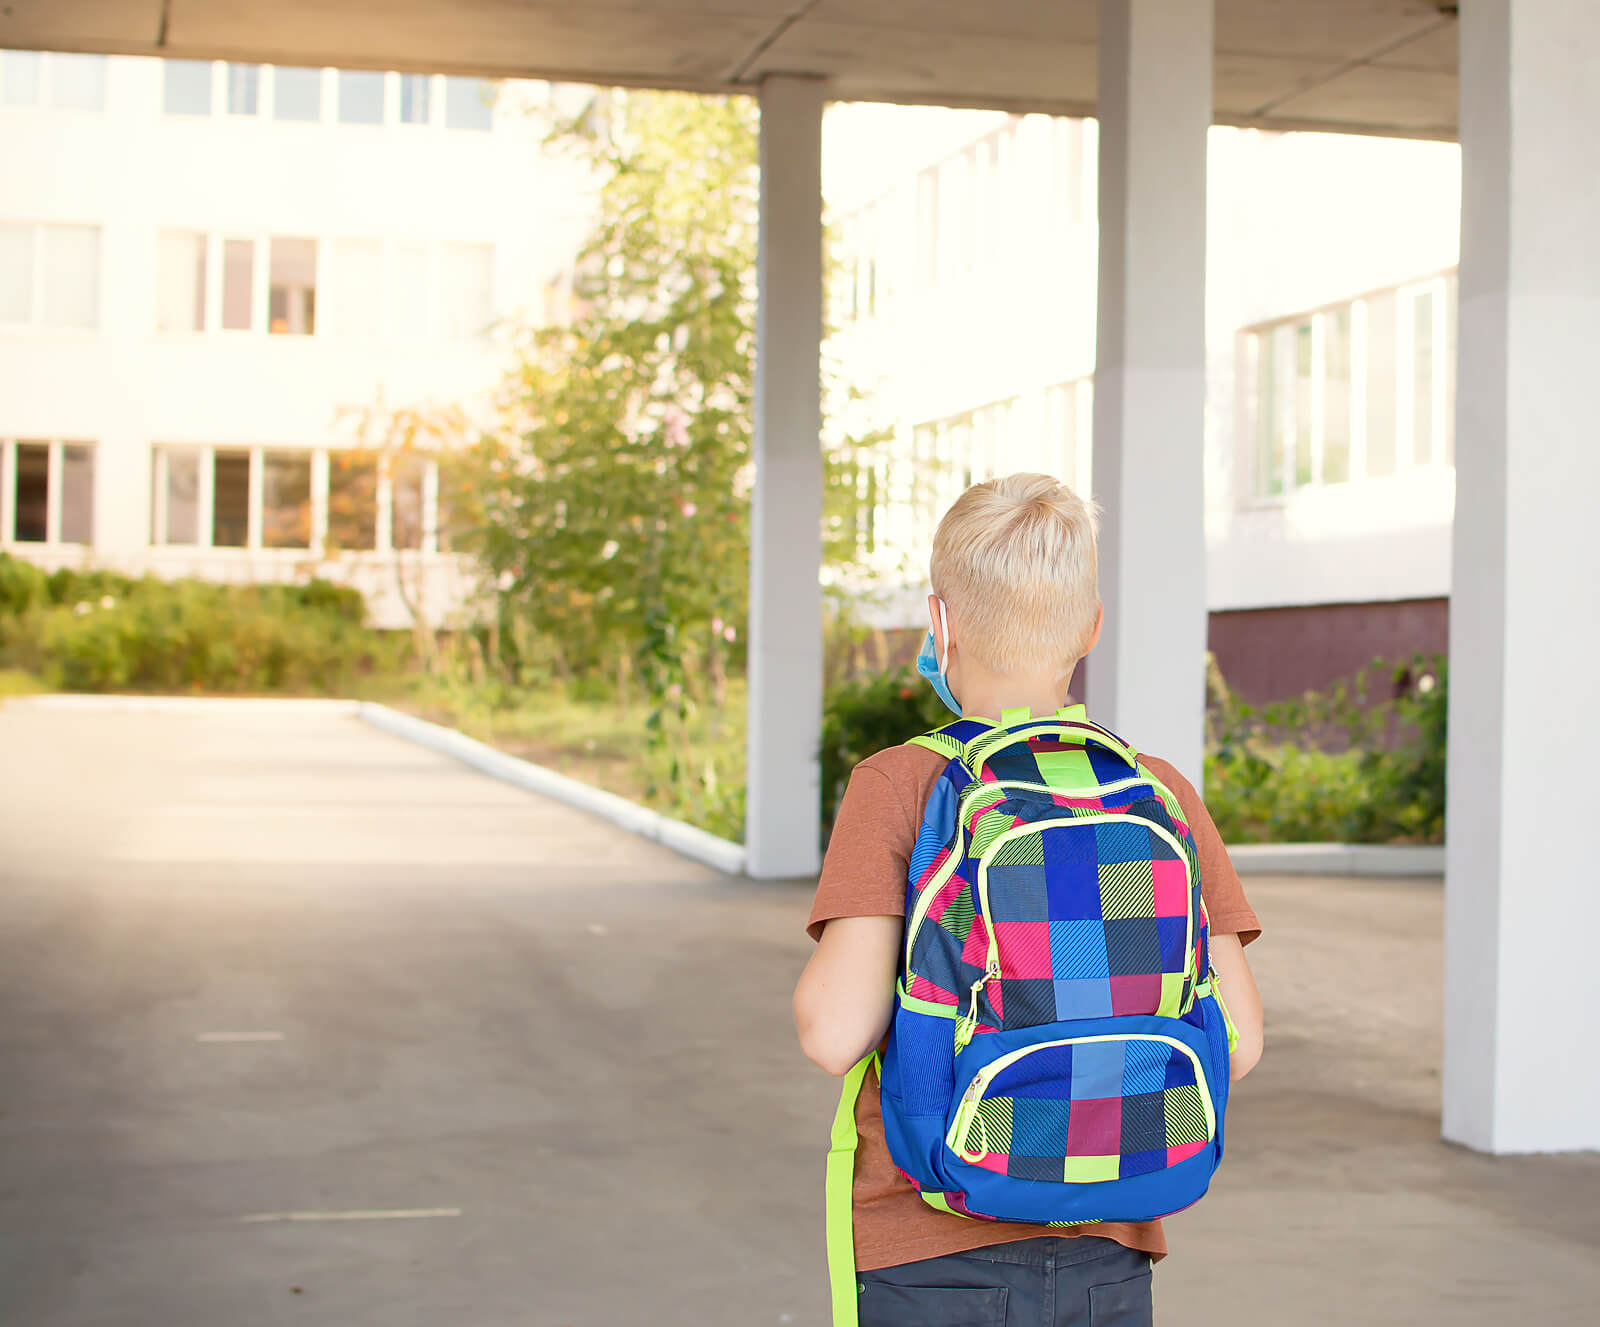 Niño yendo a su nuevo colegio.